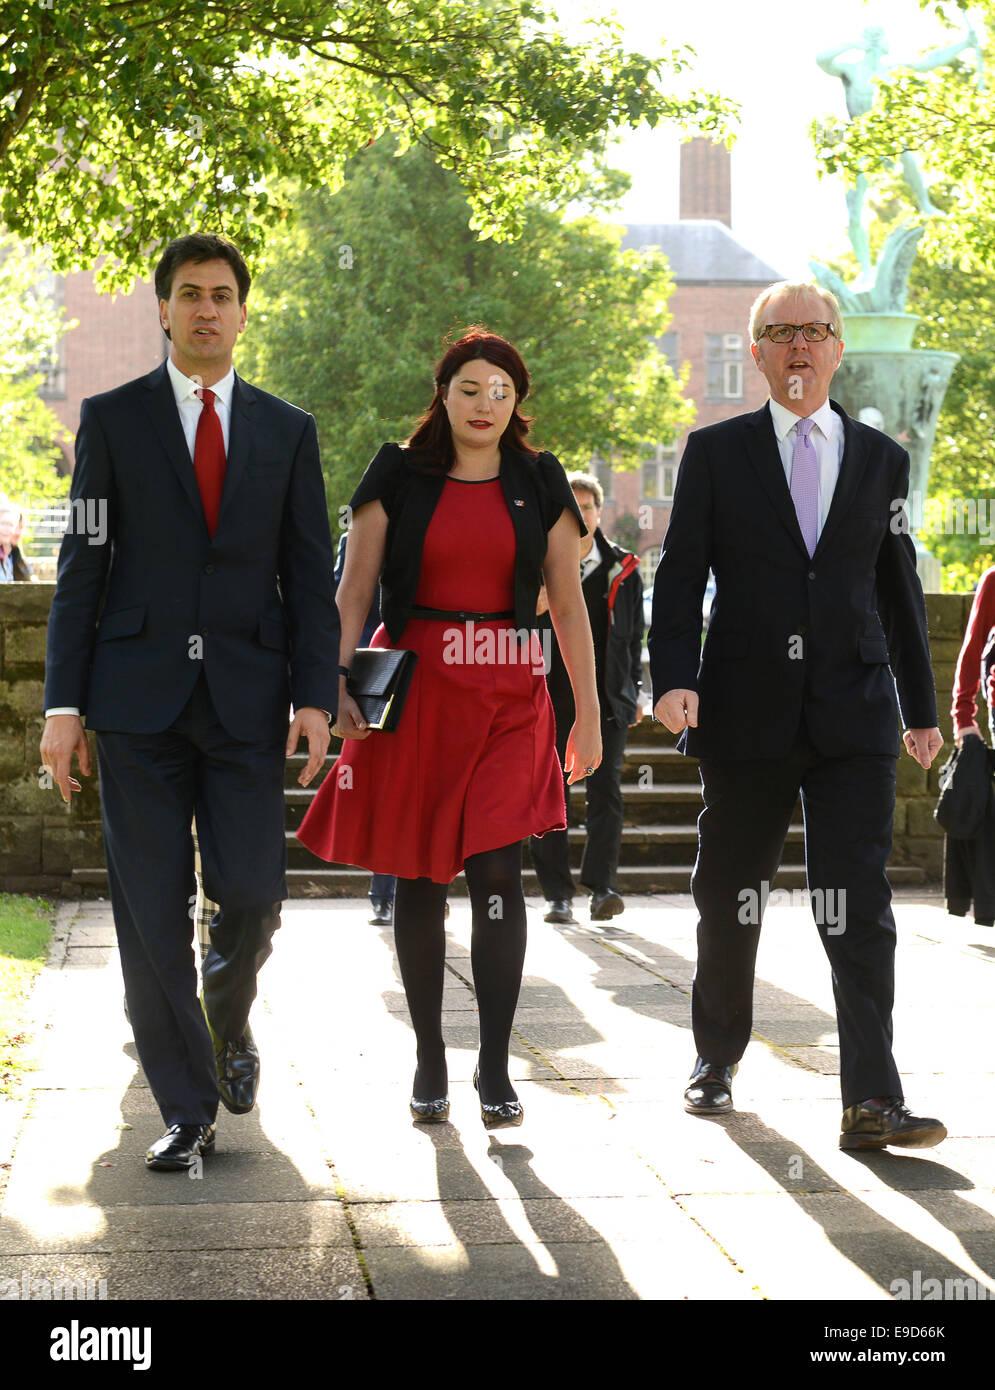 Ed Miliband, membre du parti travailliste britannique Collège avec Dudley Dudley visites candidat Sud Natasha Photo Stock